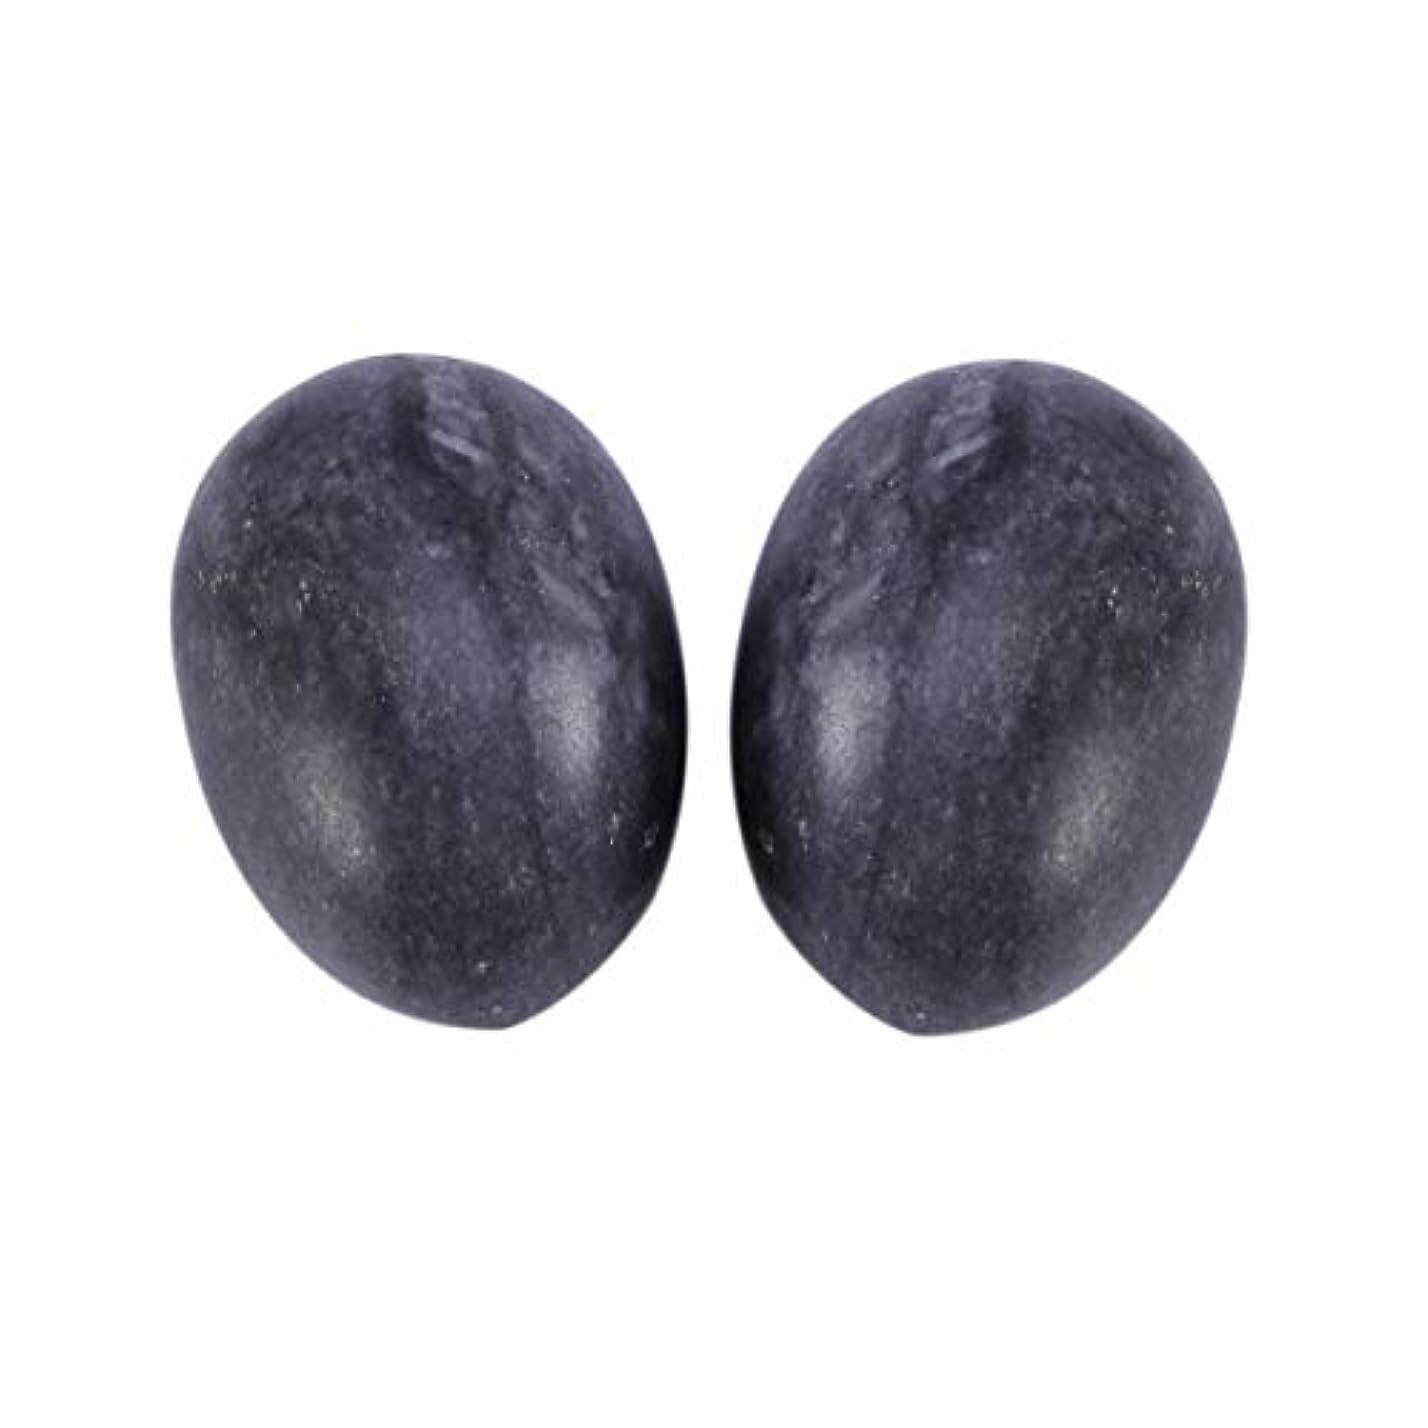 切り離す火山学者晴れHealifty 6PCS翡翠Yoni卵マッサージ癒しの石のケゲル運動骨盤底筋運動(黒)